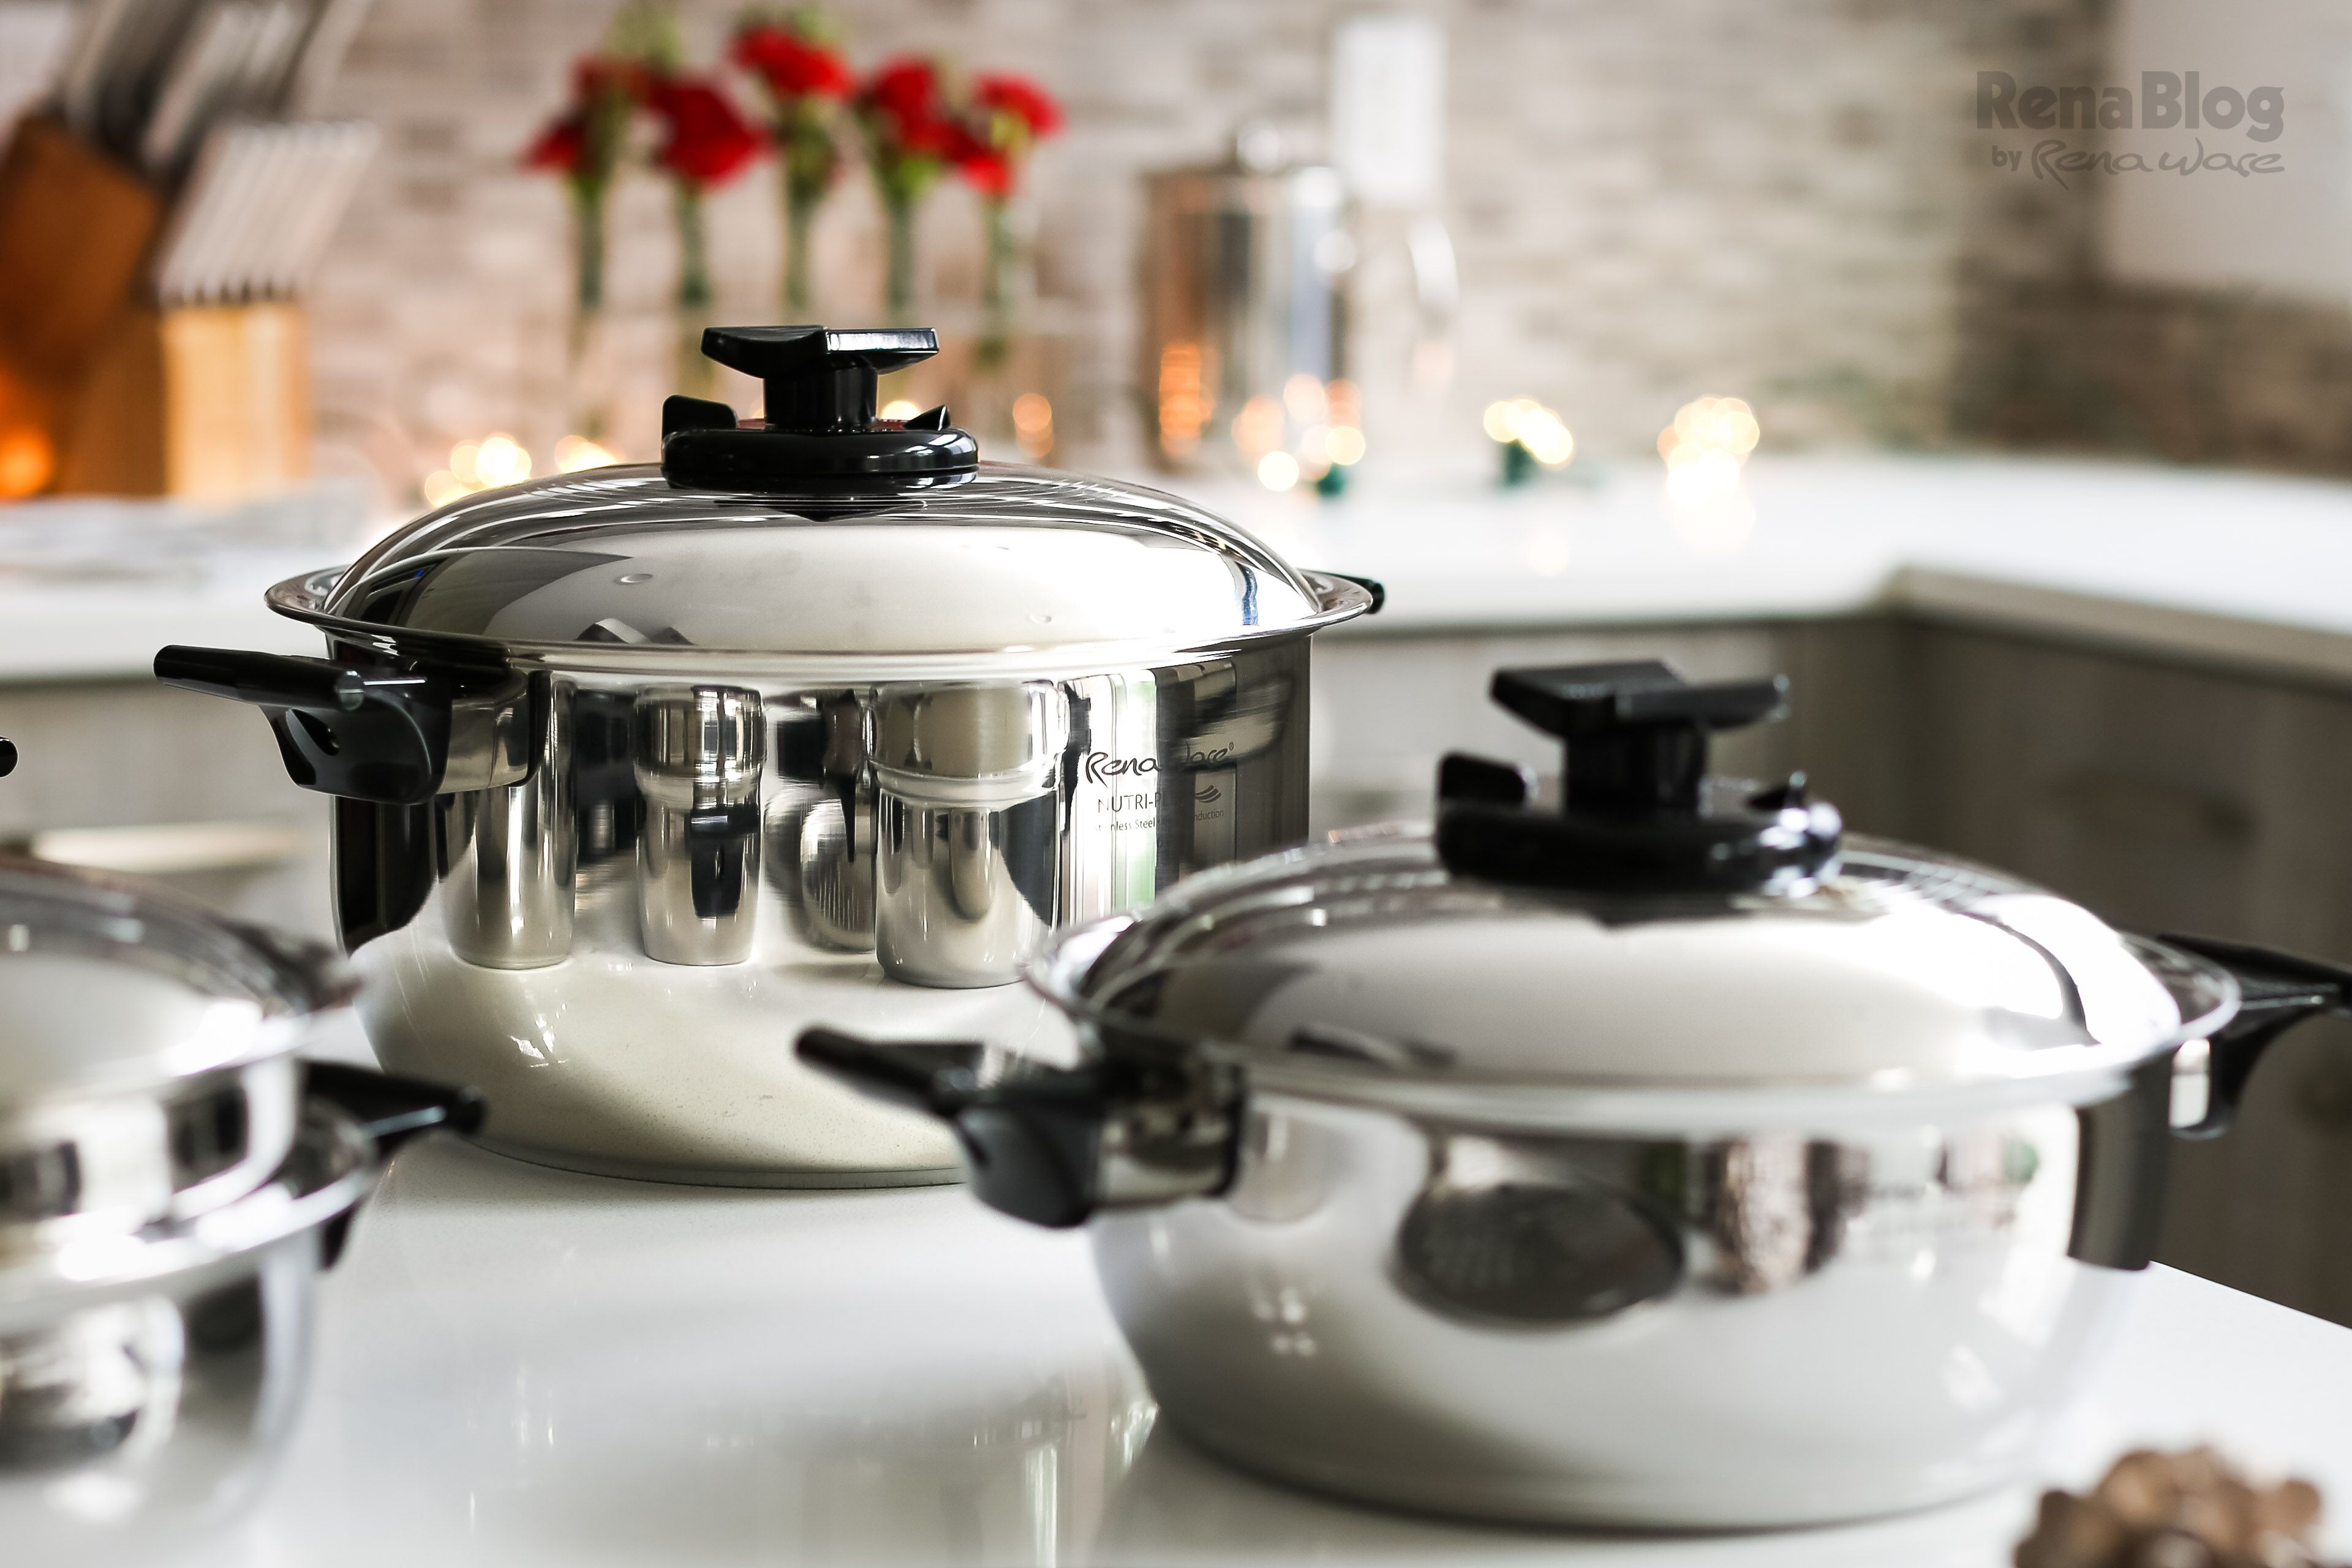 Los de utensilios juegos chef i o chef ii de rena ware son for Utensilios para servir comida